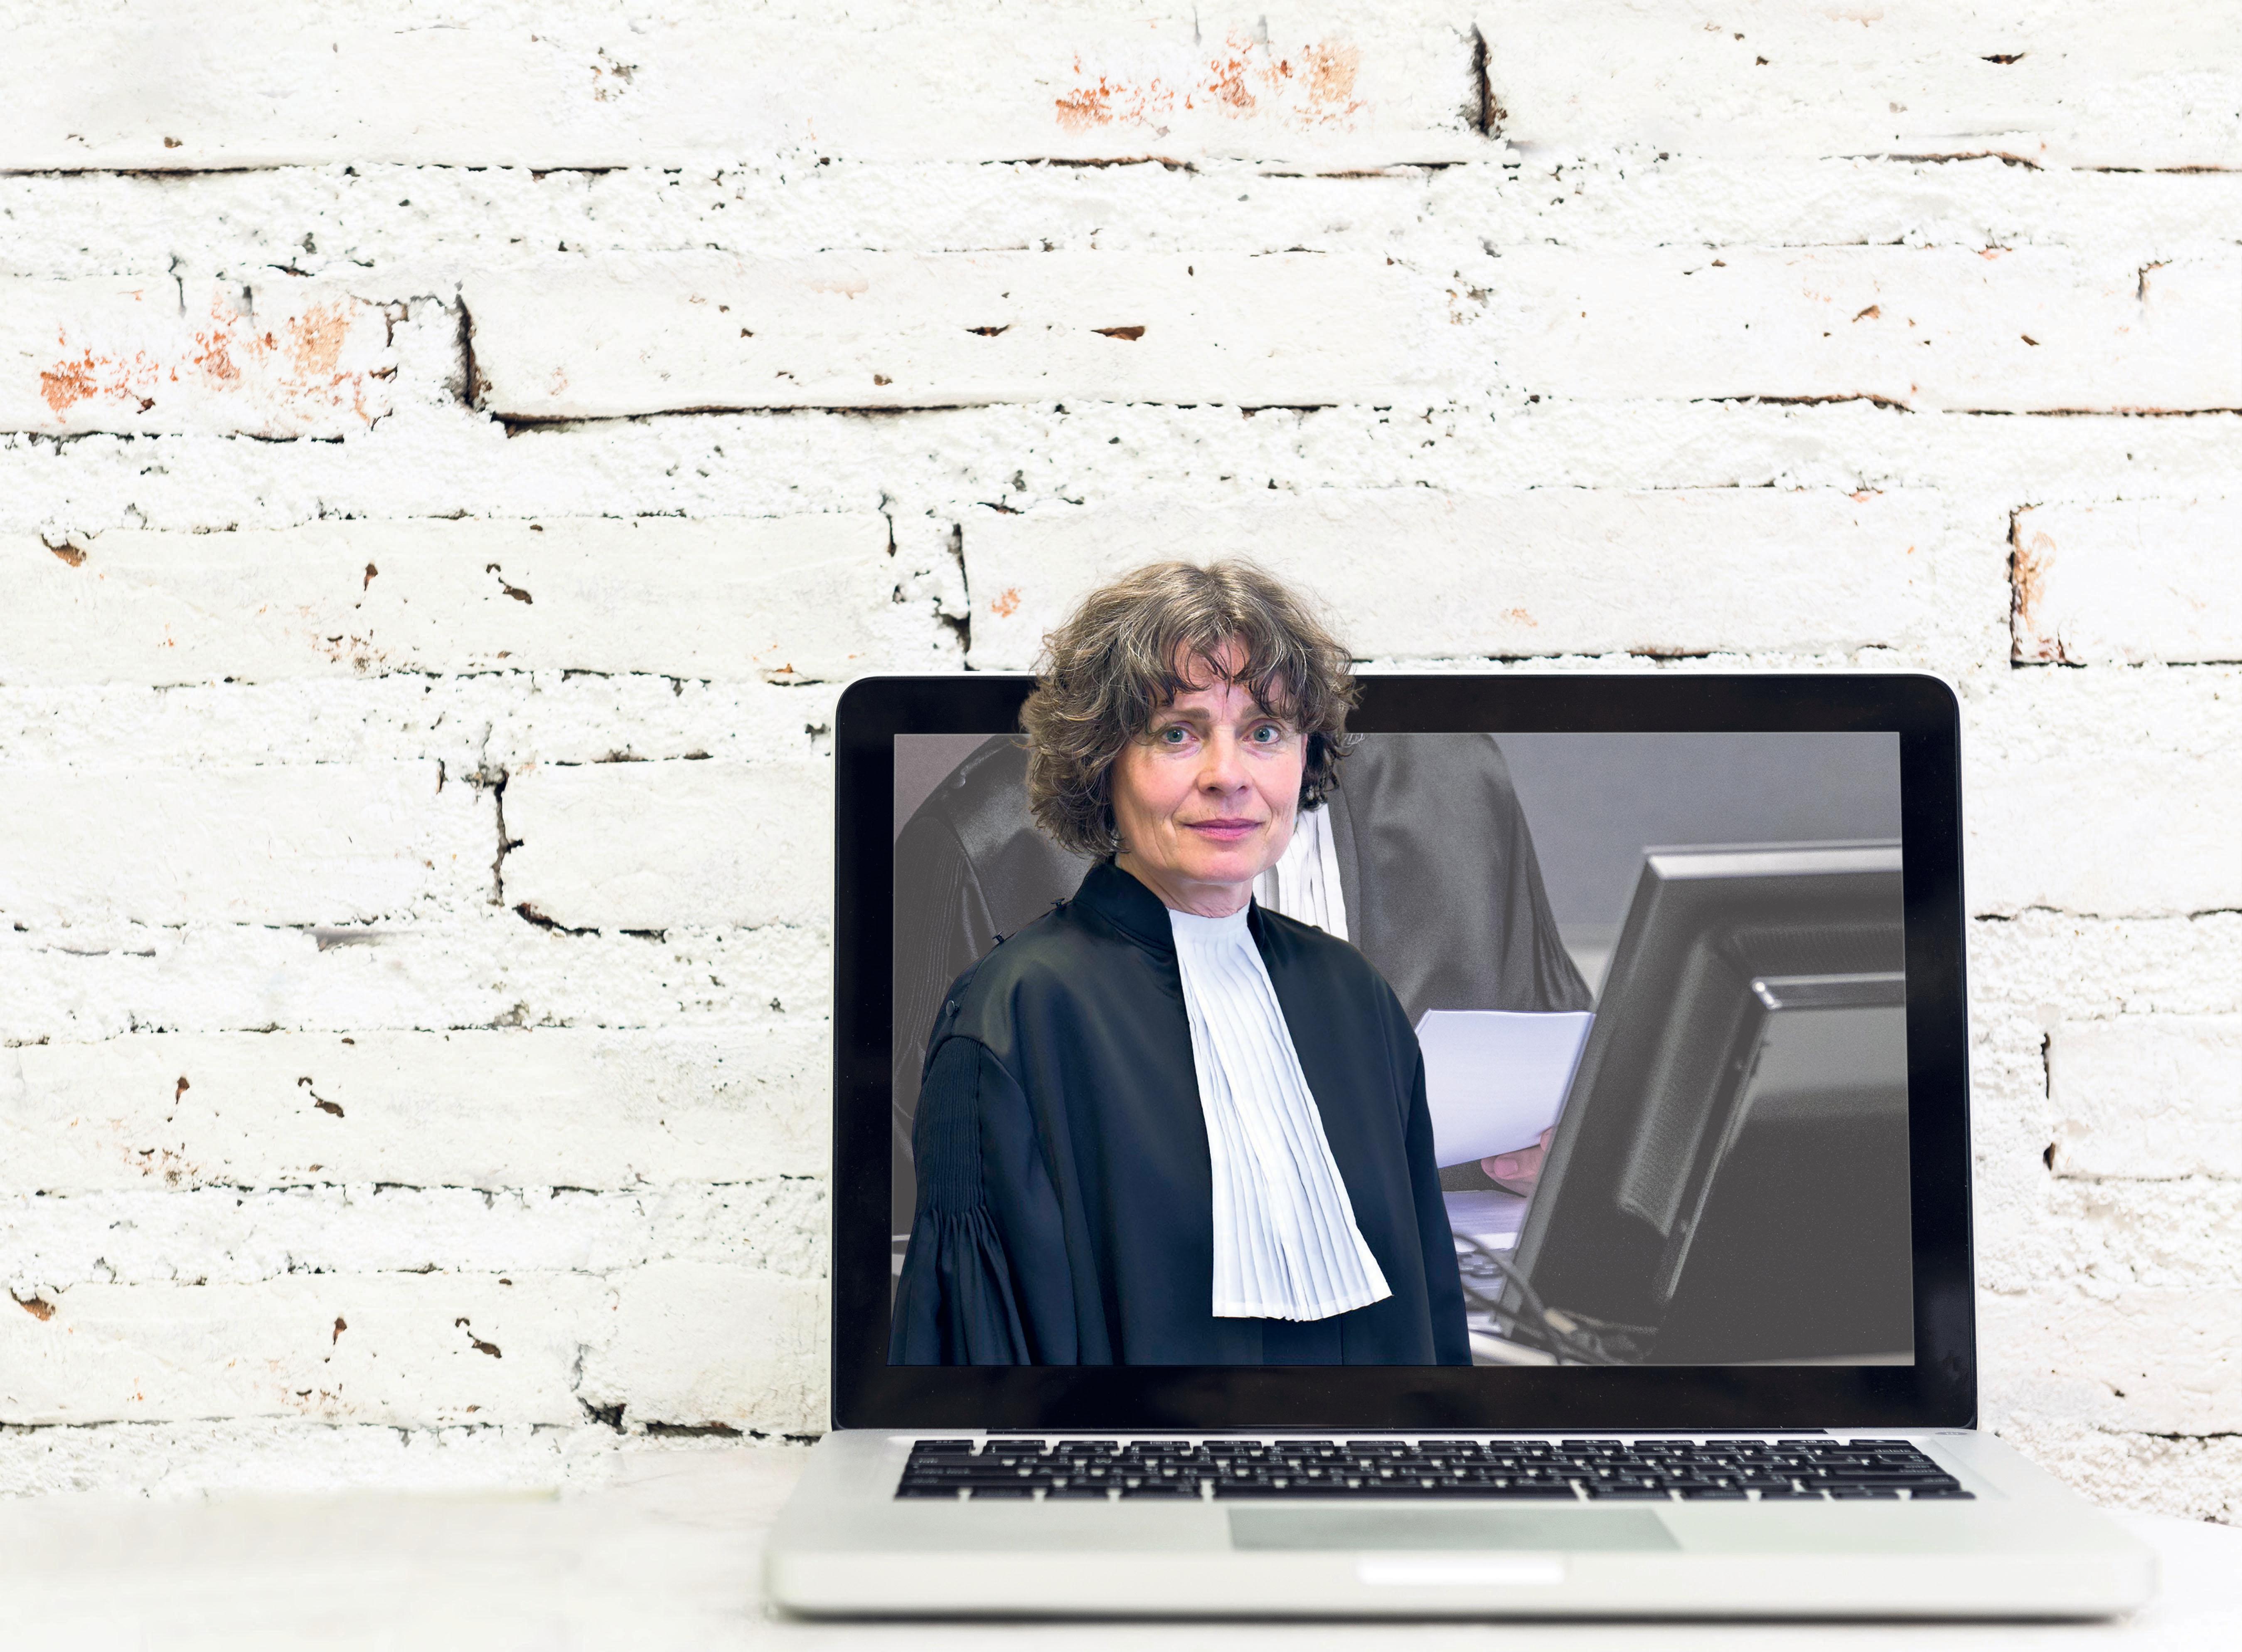 Digitaal rechtspreken zal voor een deel blijvertje zijn, ondanks aanloopproblemen, zegt rechtbankpresident Eveline de Greeve